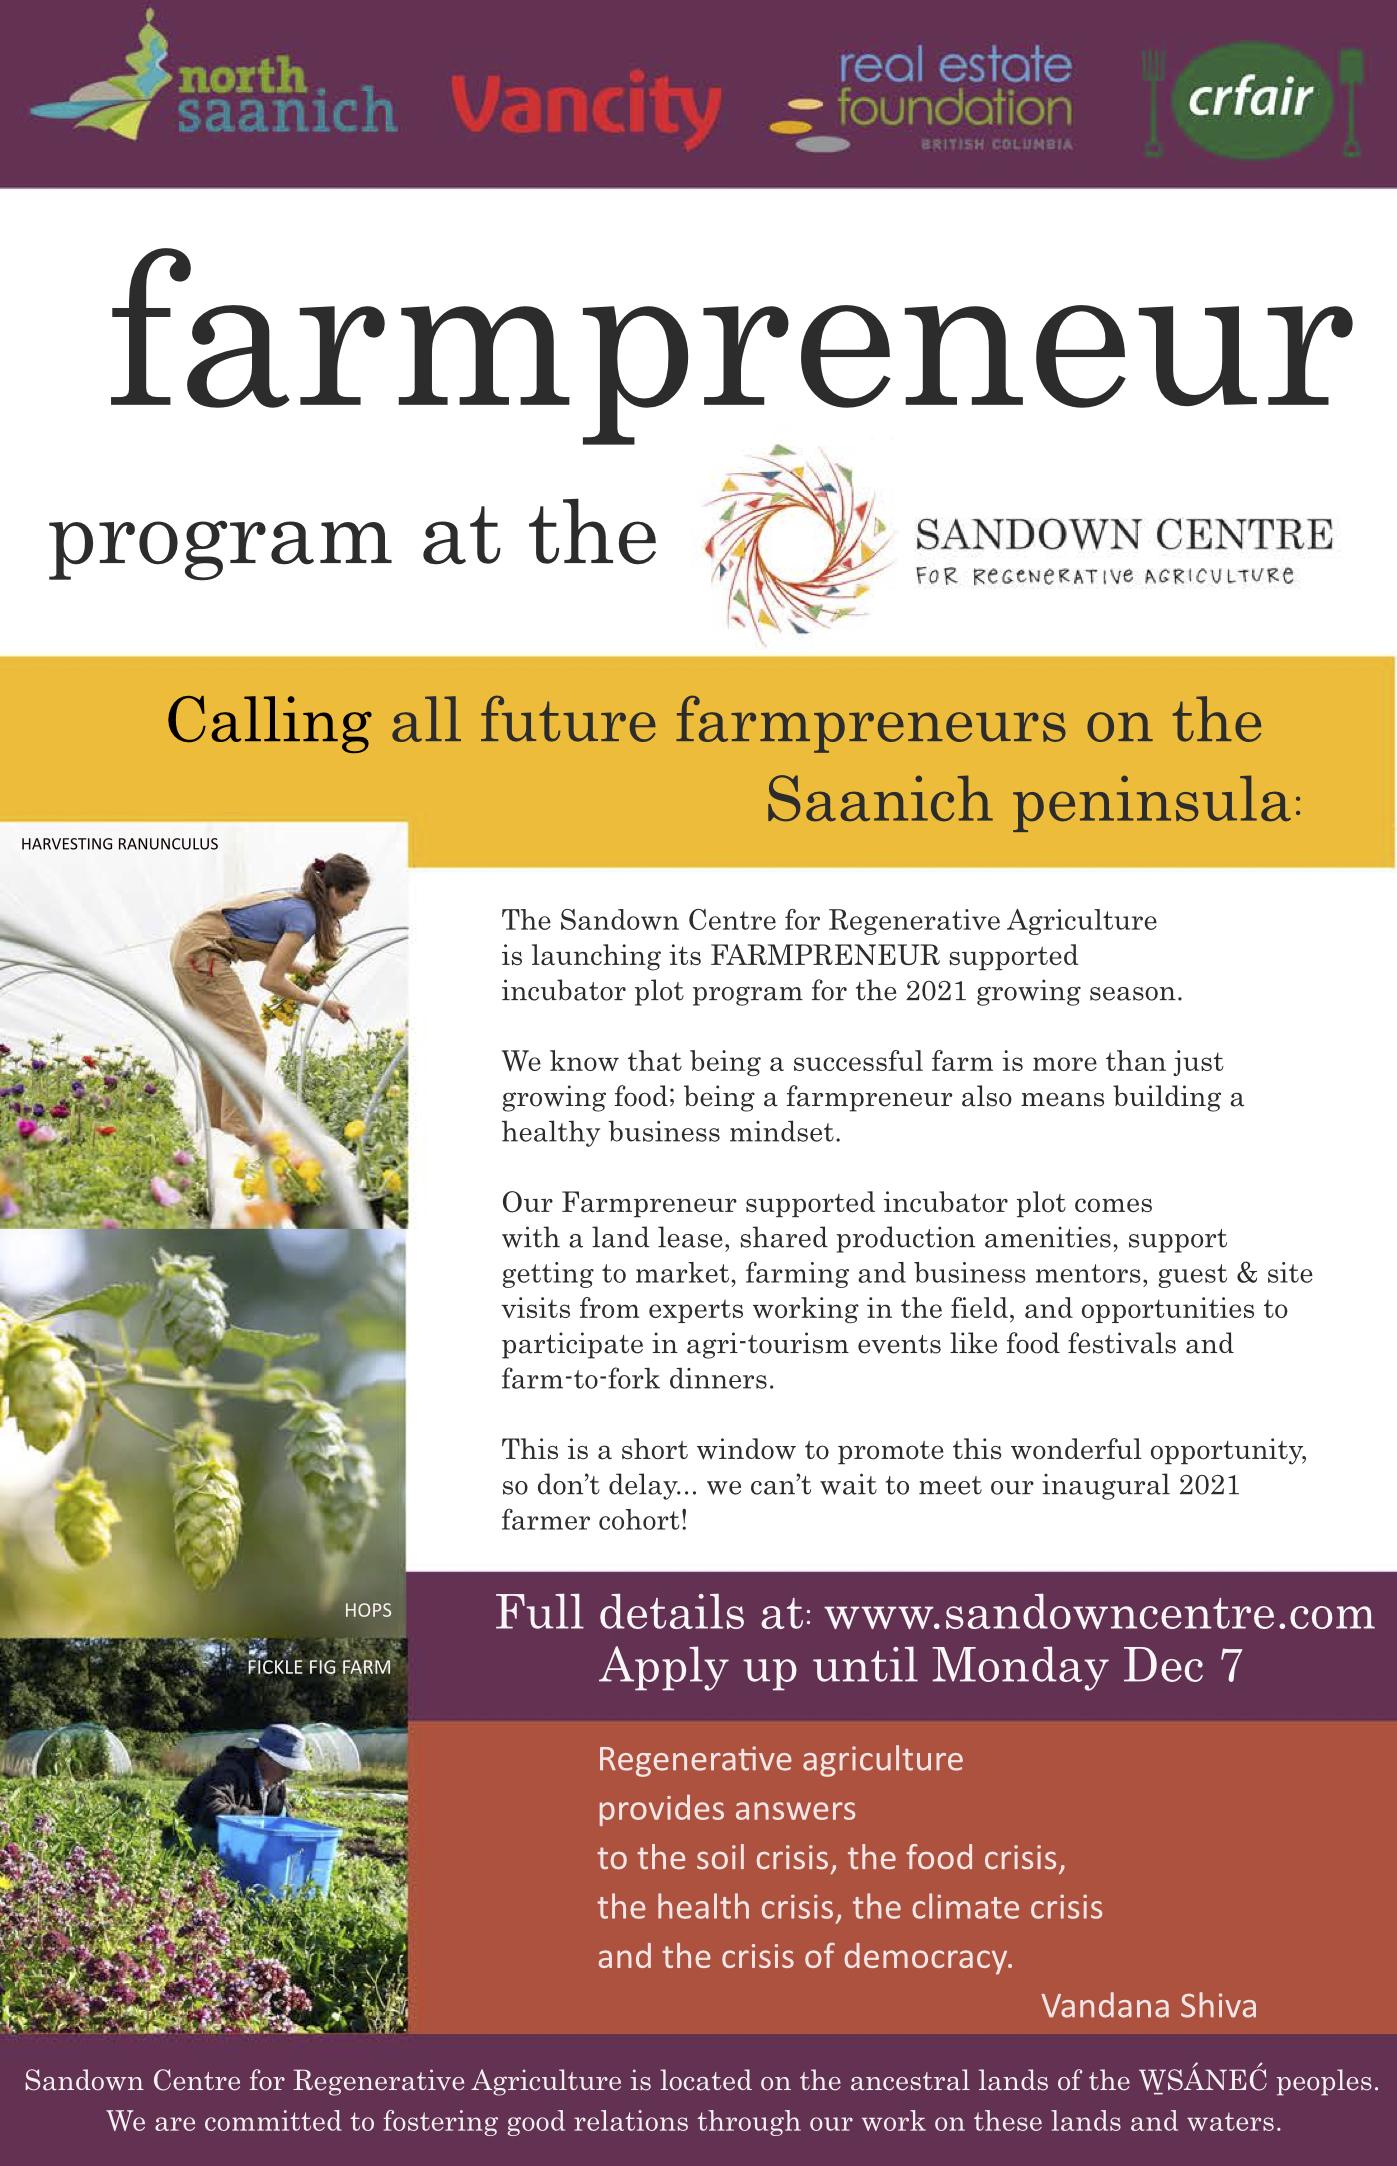 Farmpreneur poster